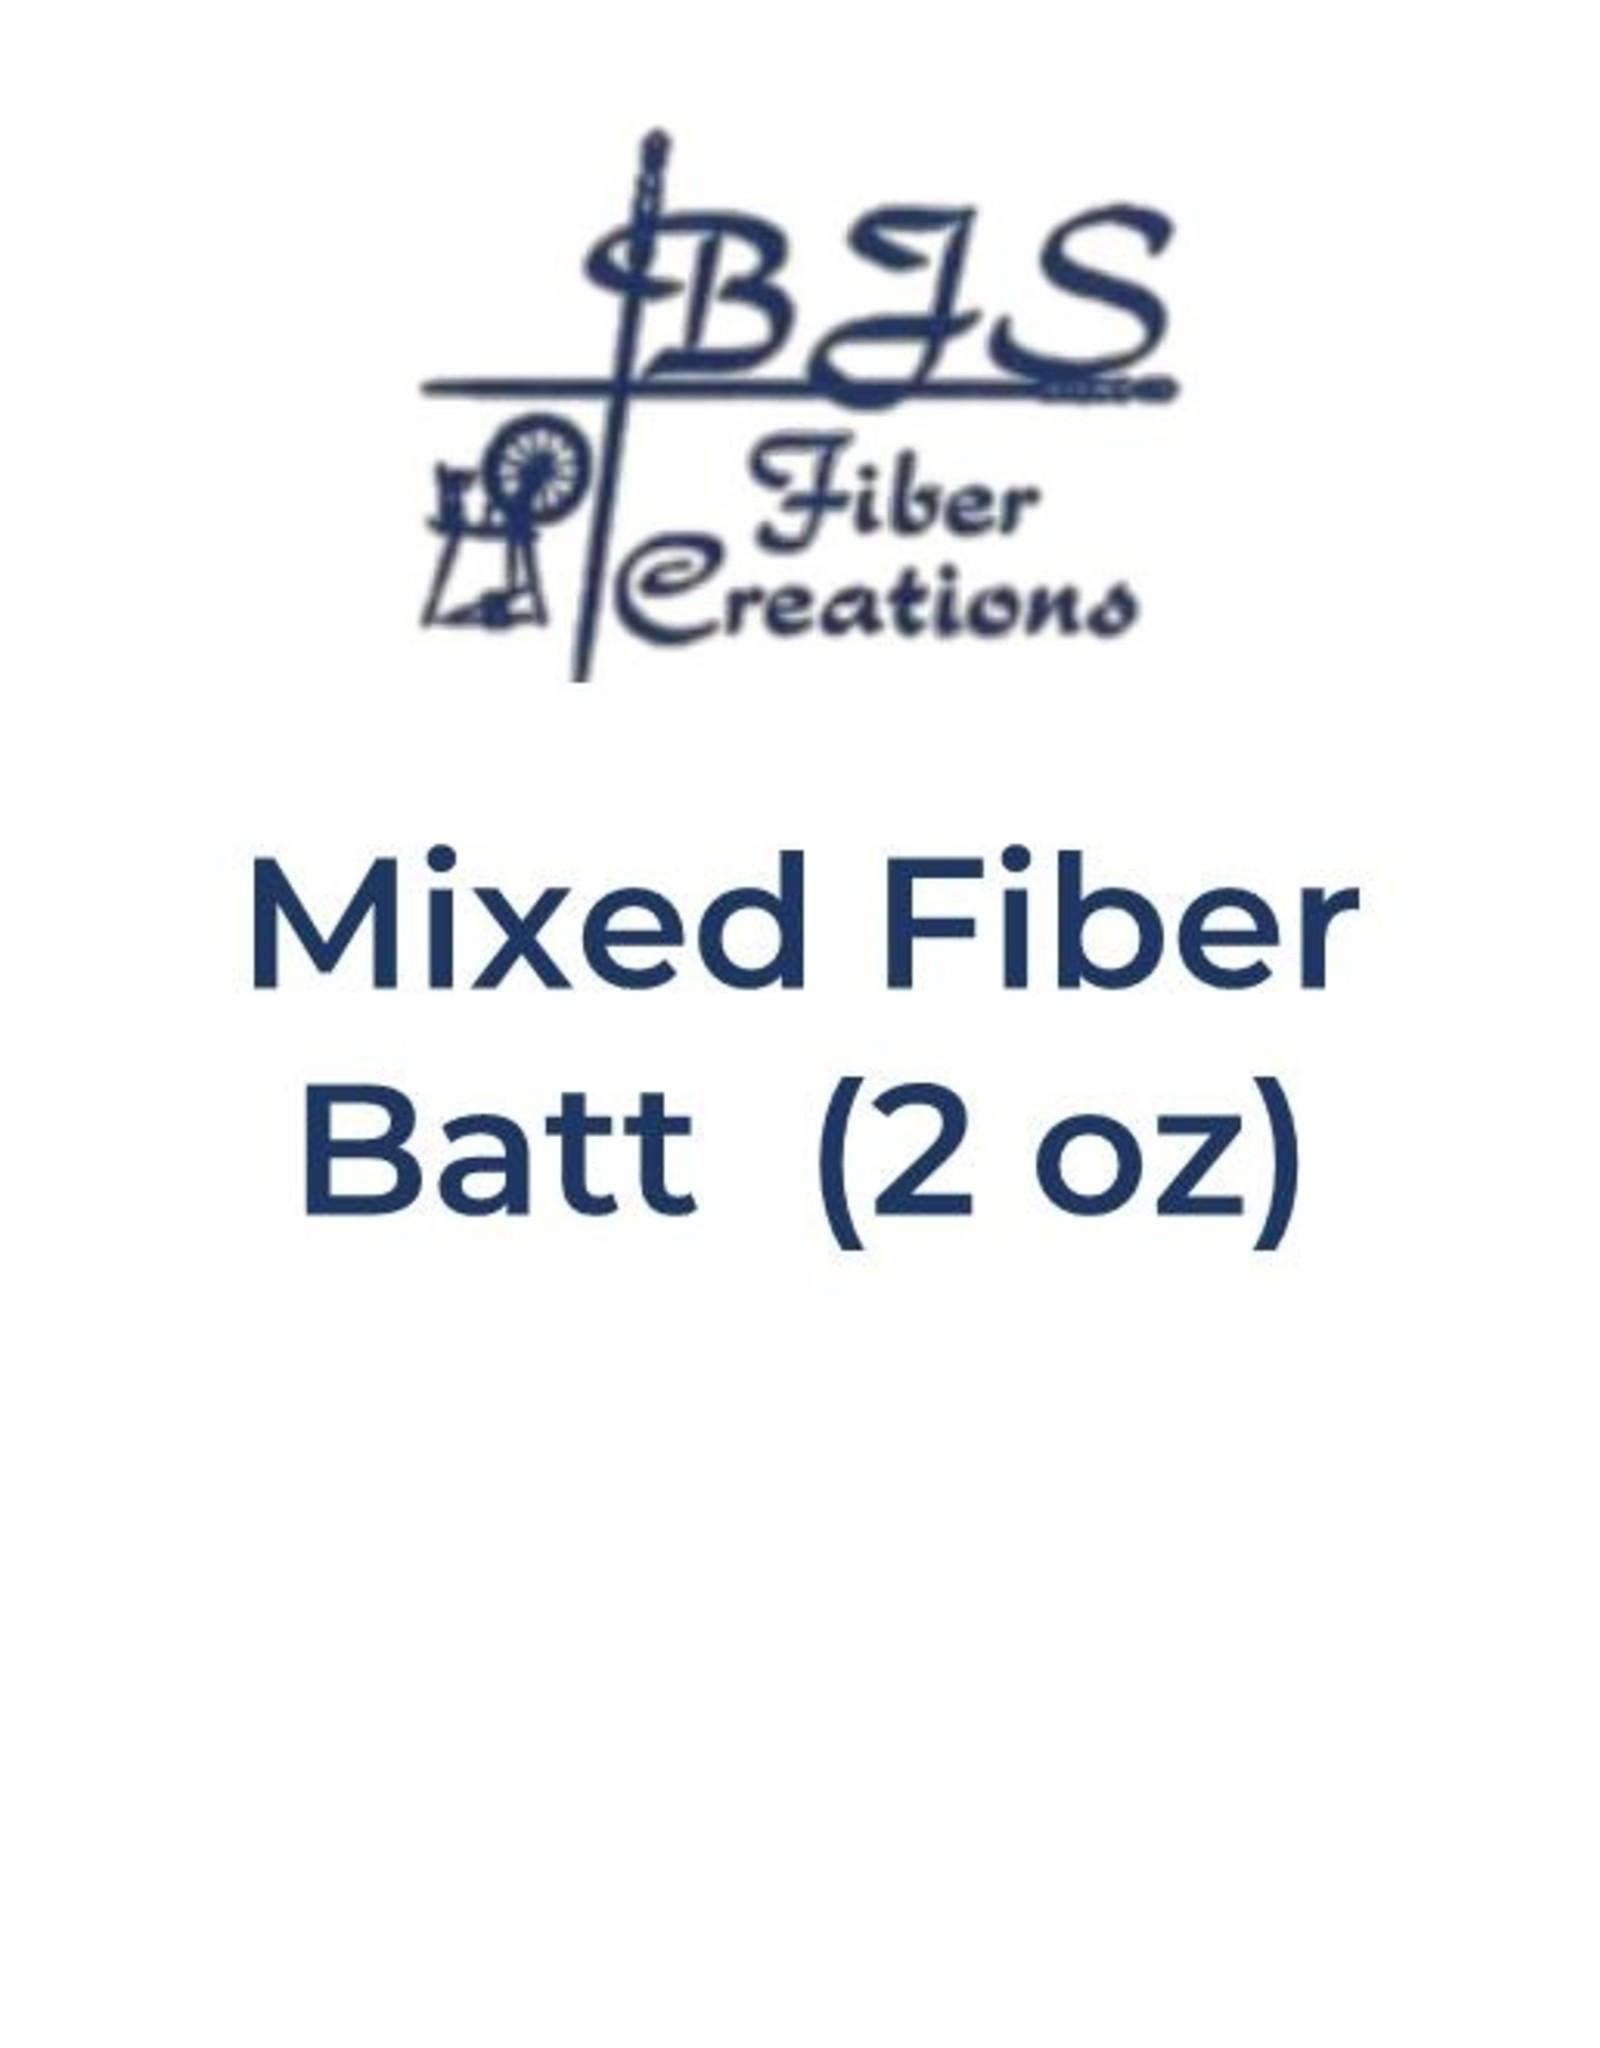 BJS Trunk Show Mixed Fiber Batts (2 oz) BATT #11